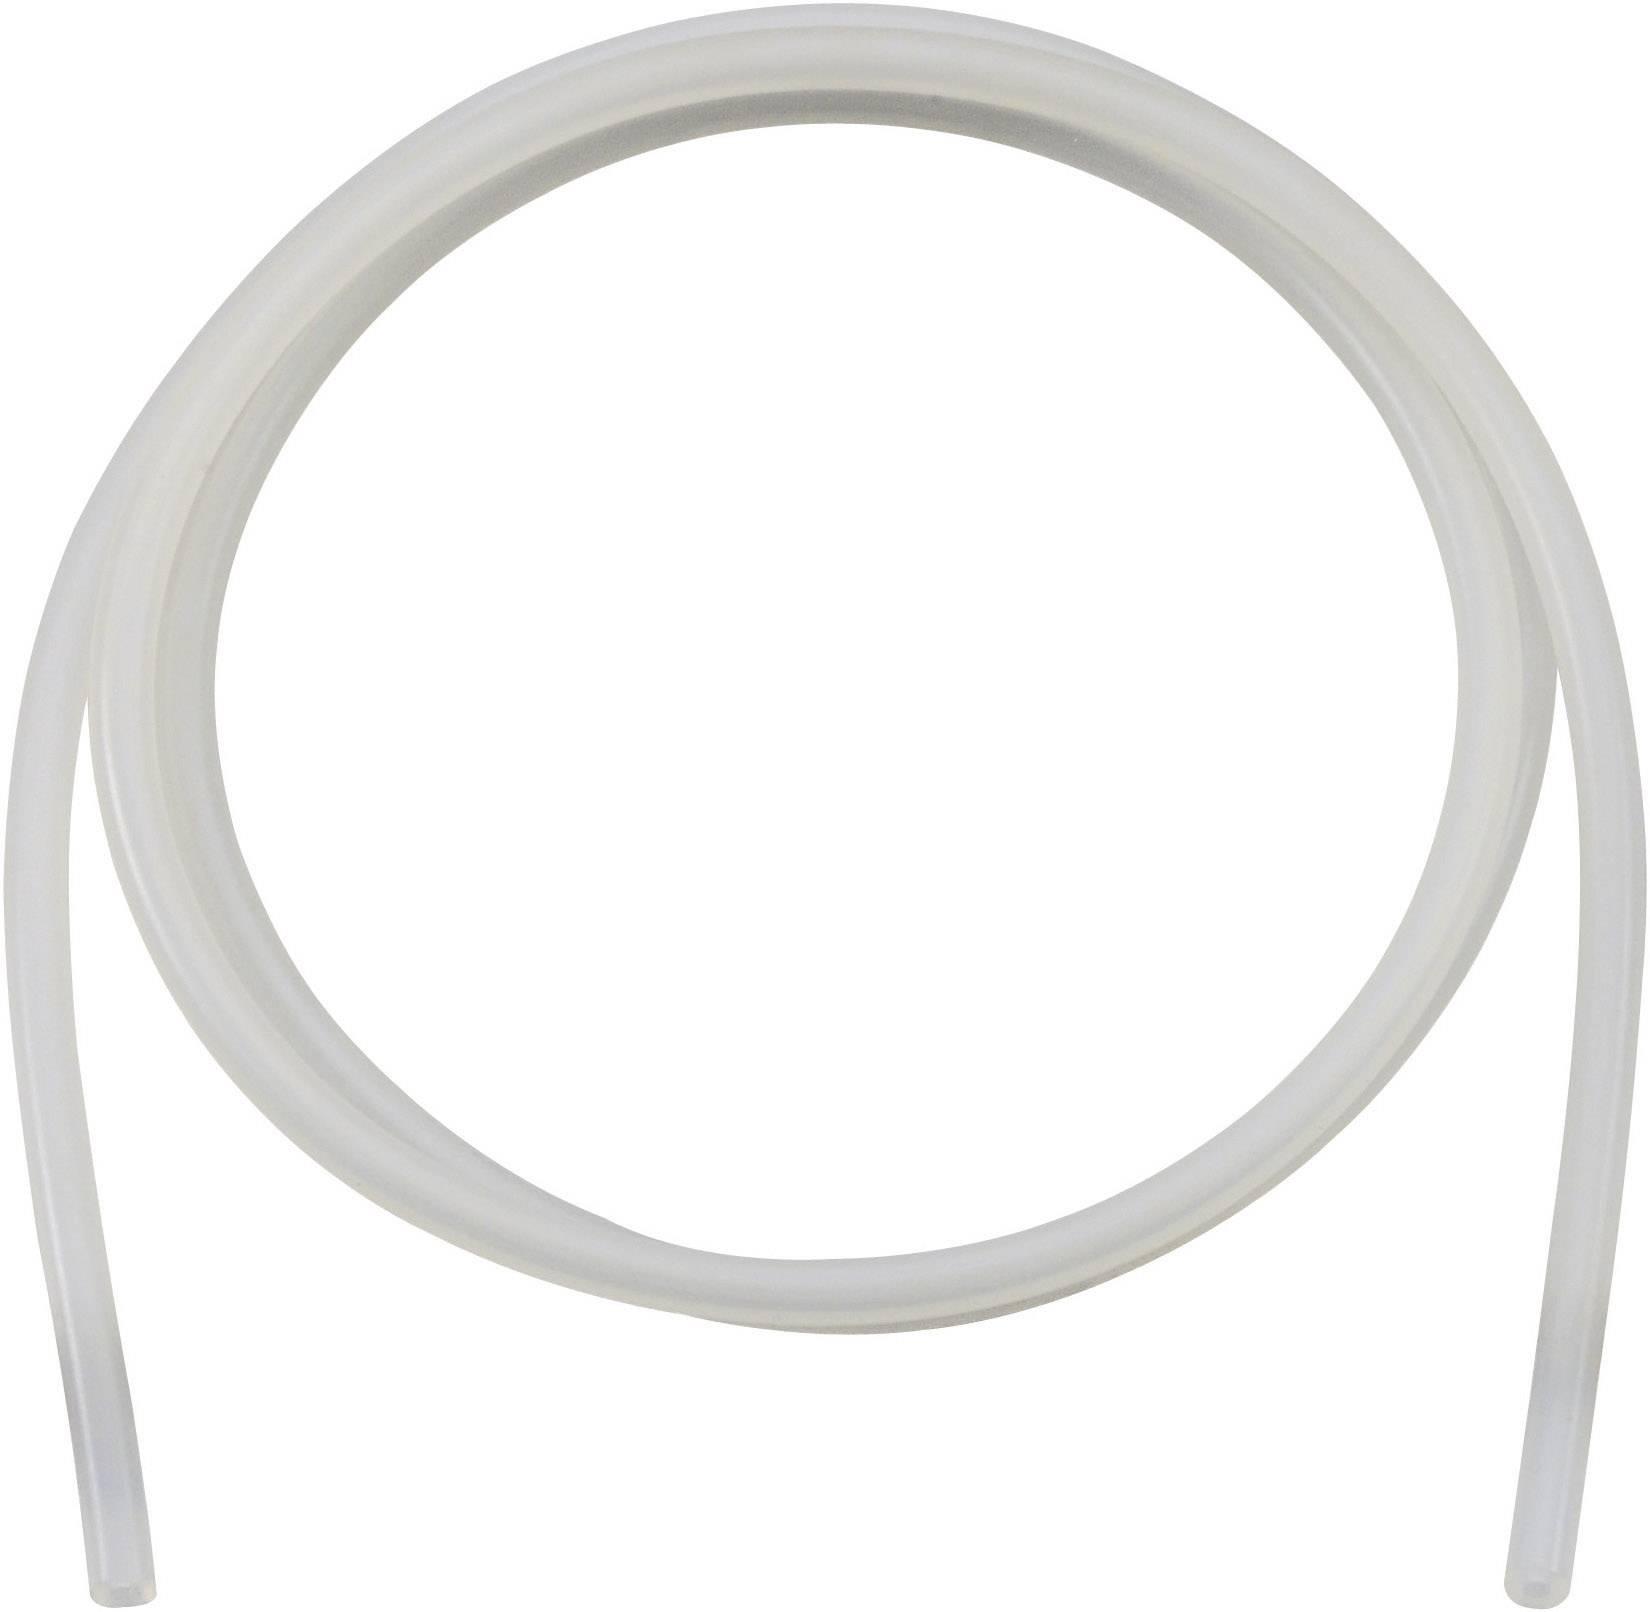 Silikonová palivová hadice Reely, Ø 2,4 mm, čirá